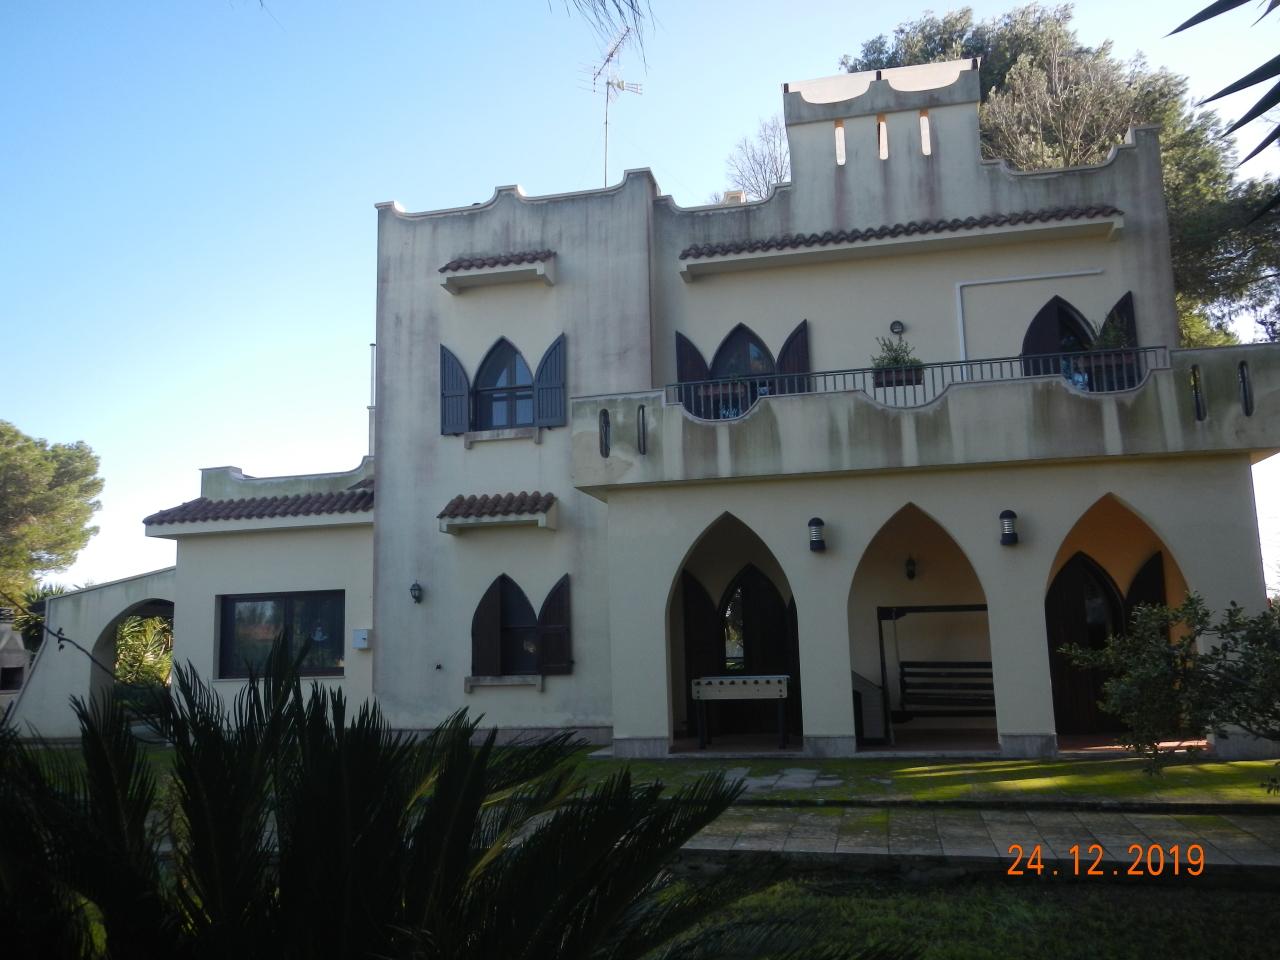 Villa - Casa, €650,000, Vendita - Lequile (Lecce)